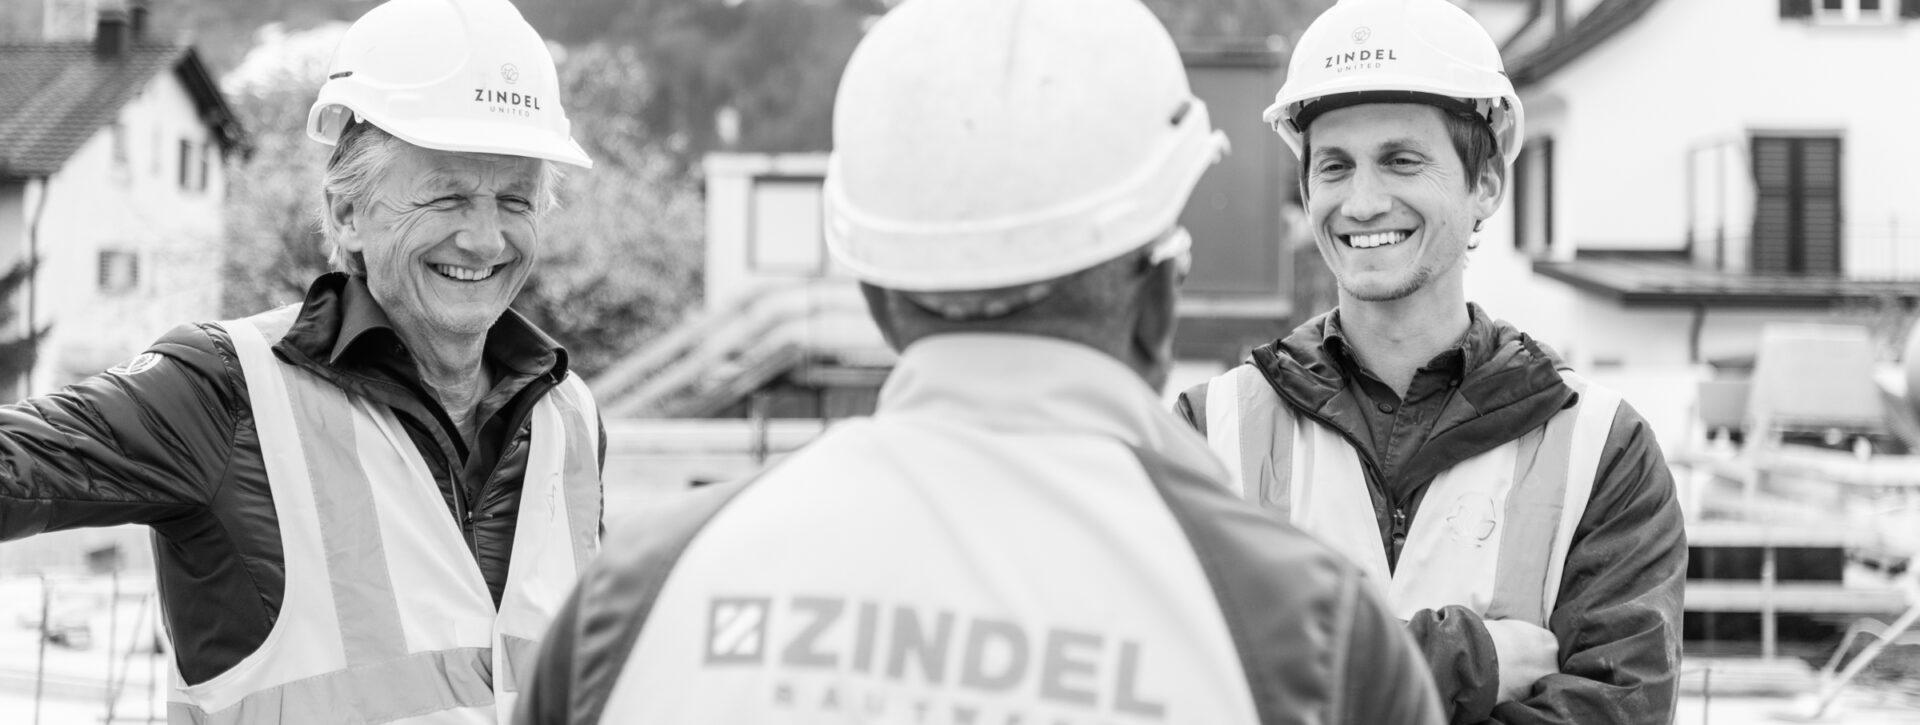 Andreas Zindel-Schnell, COO, zusammen mit Andreas Zindel, CEO auf einer Baustelle in Maienfeld, am 9. April 2021. Foto: Mattias Nutt